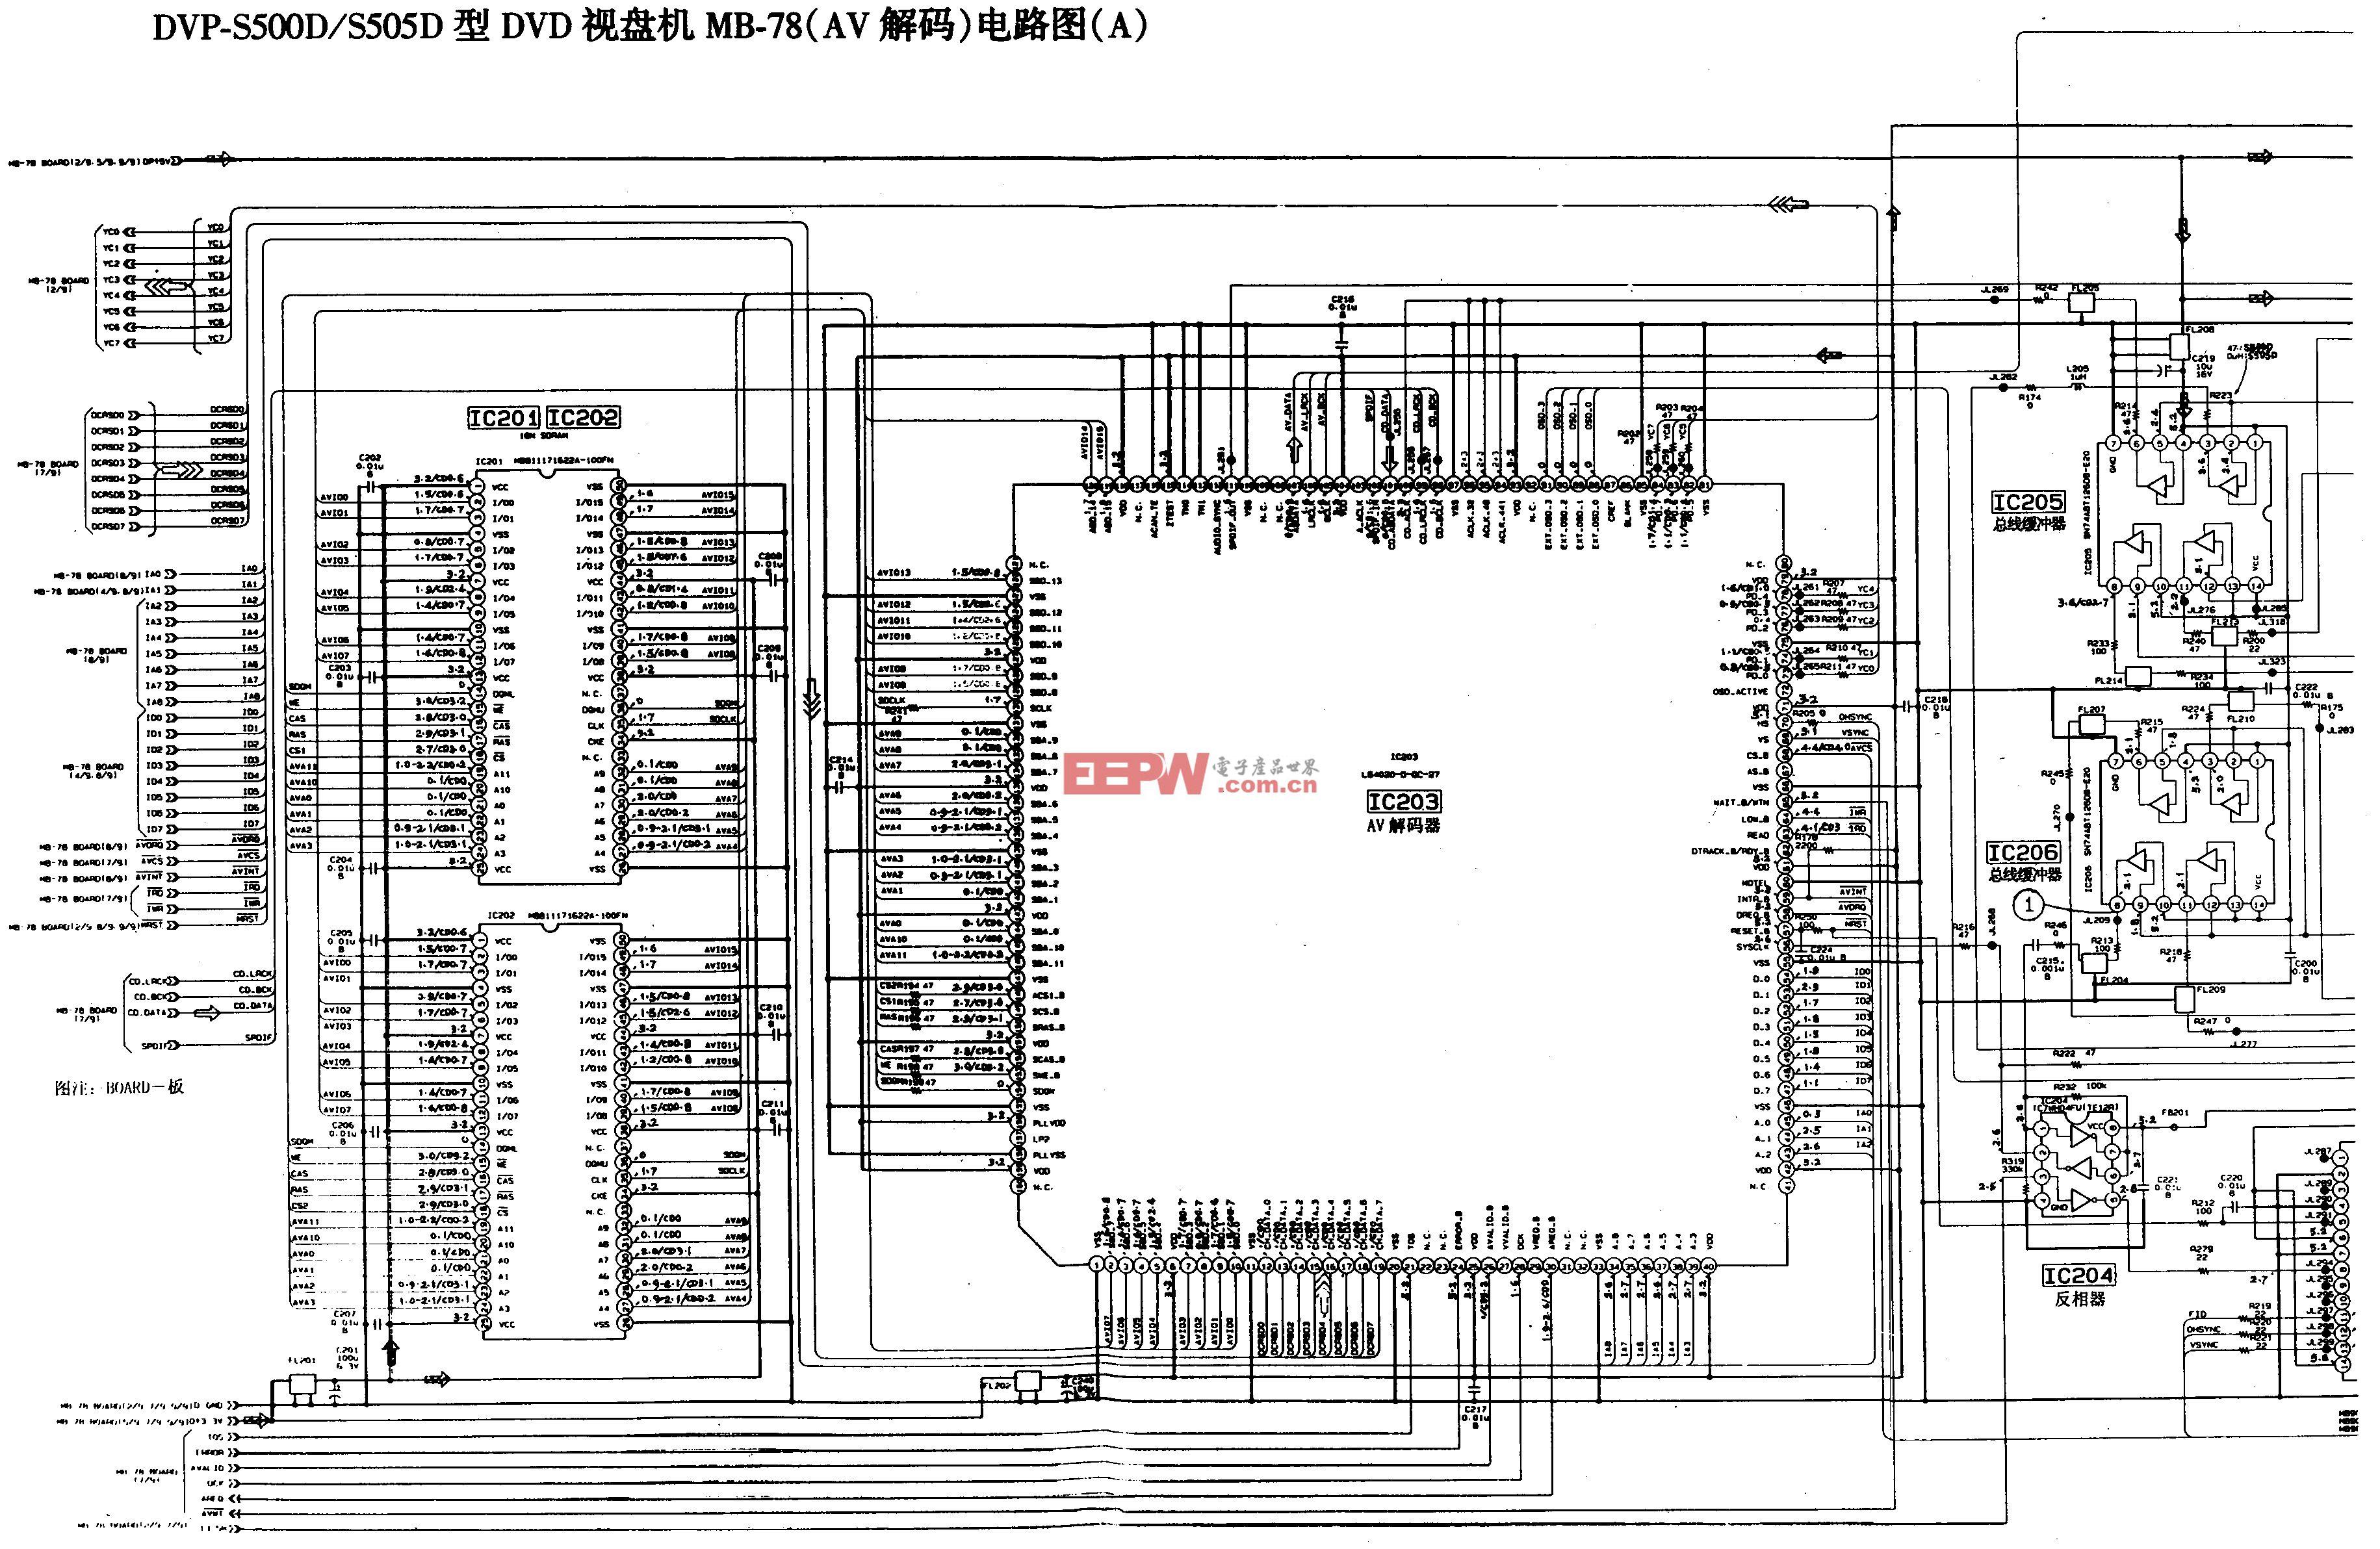 SONY DVP-S500D/S505D型DVD-AV解码电路图B